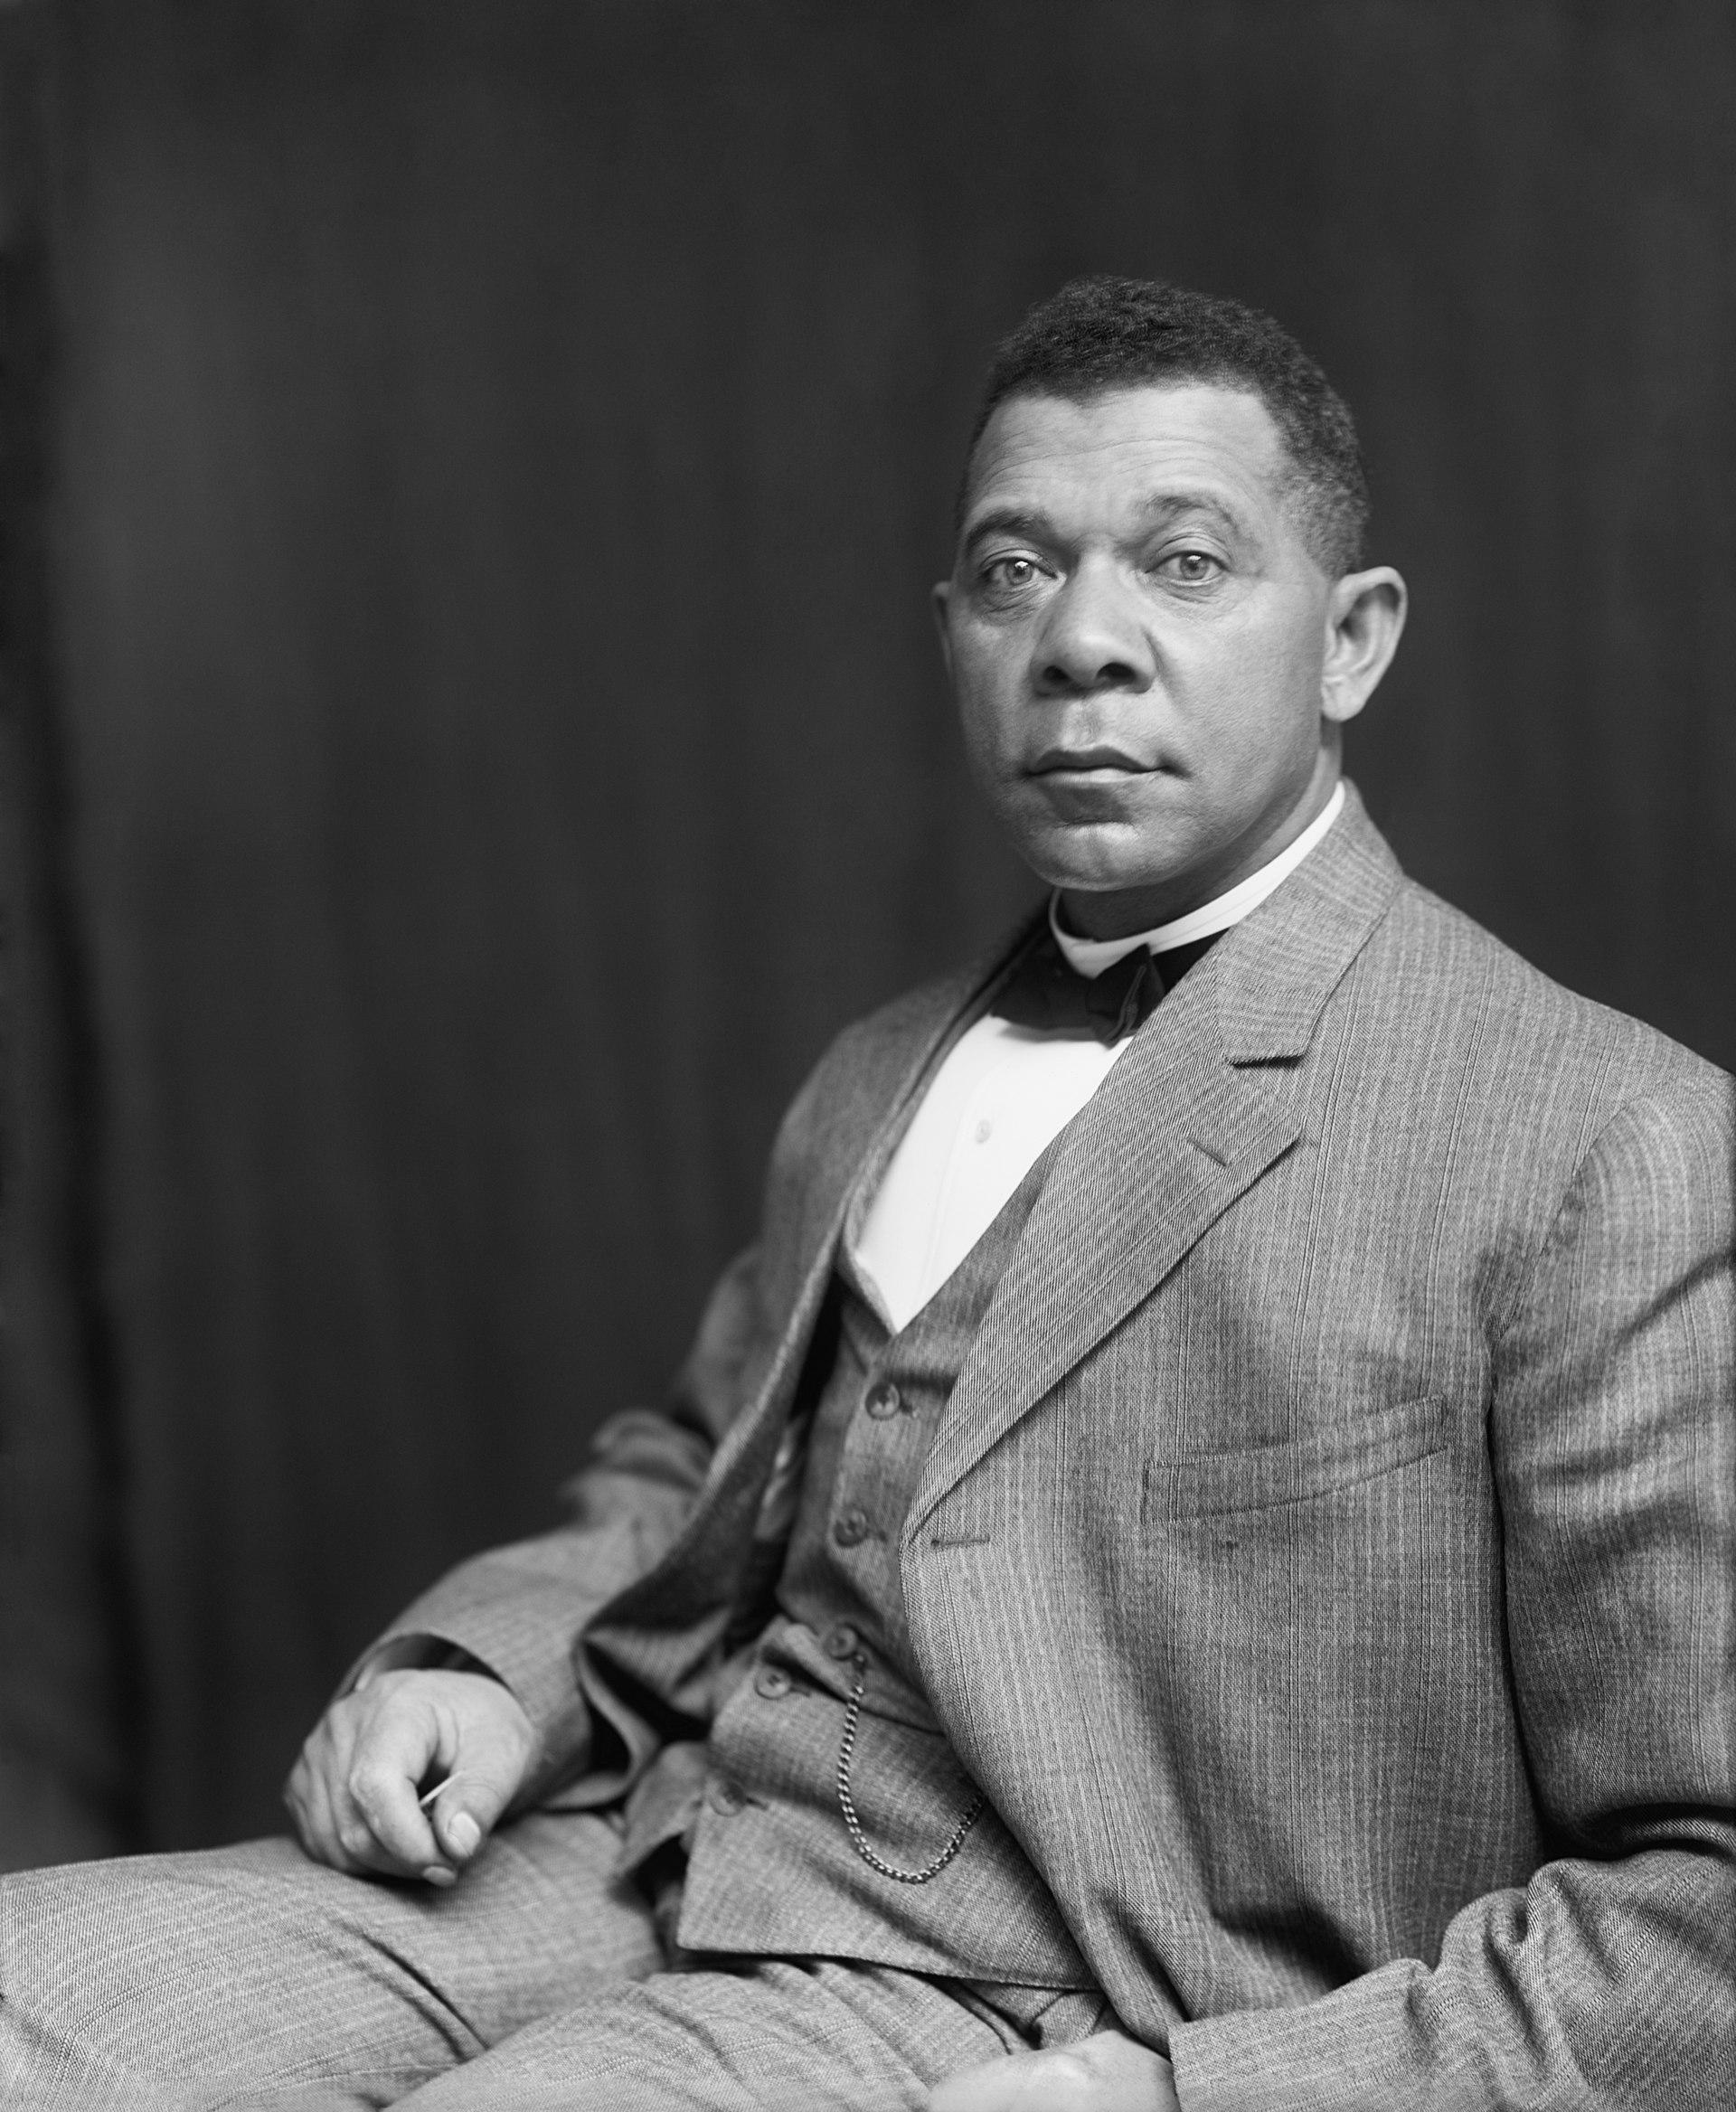 Booker T. Washington in 1895